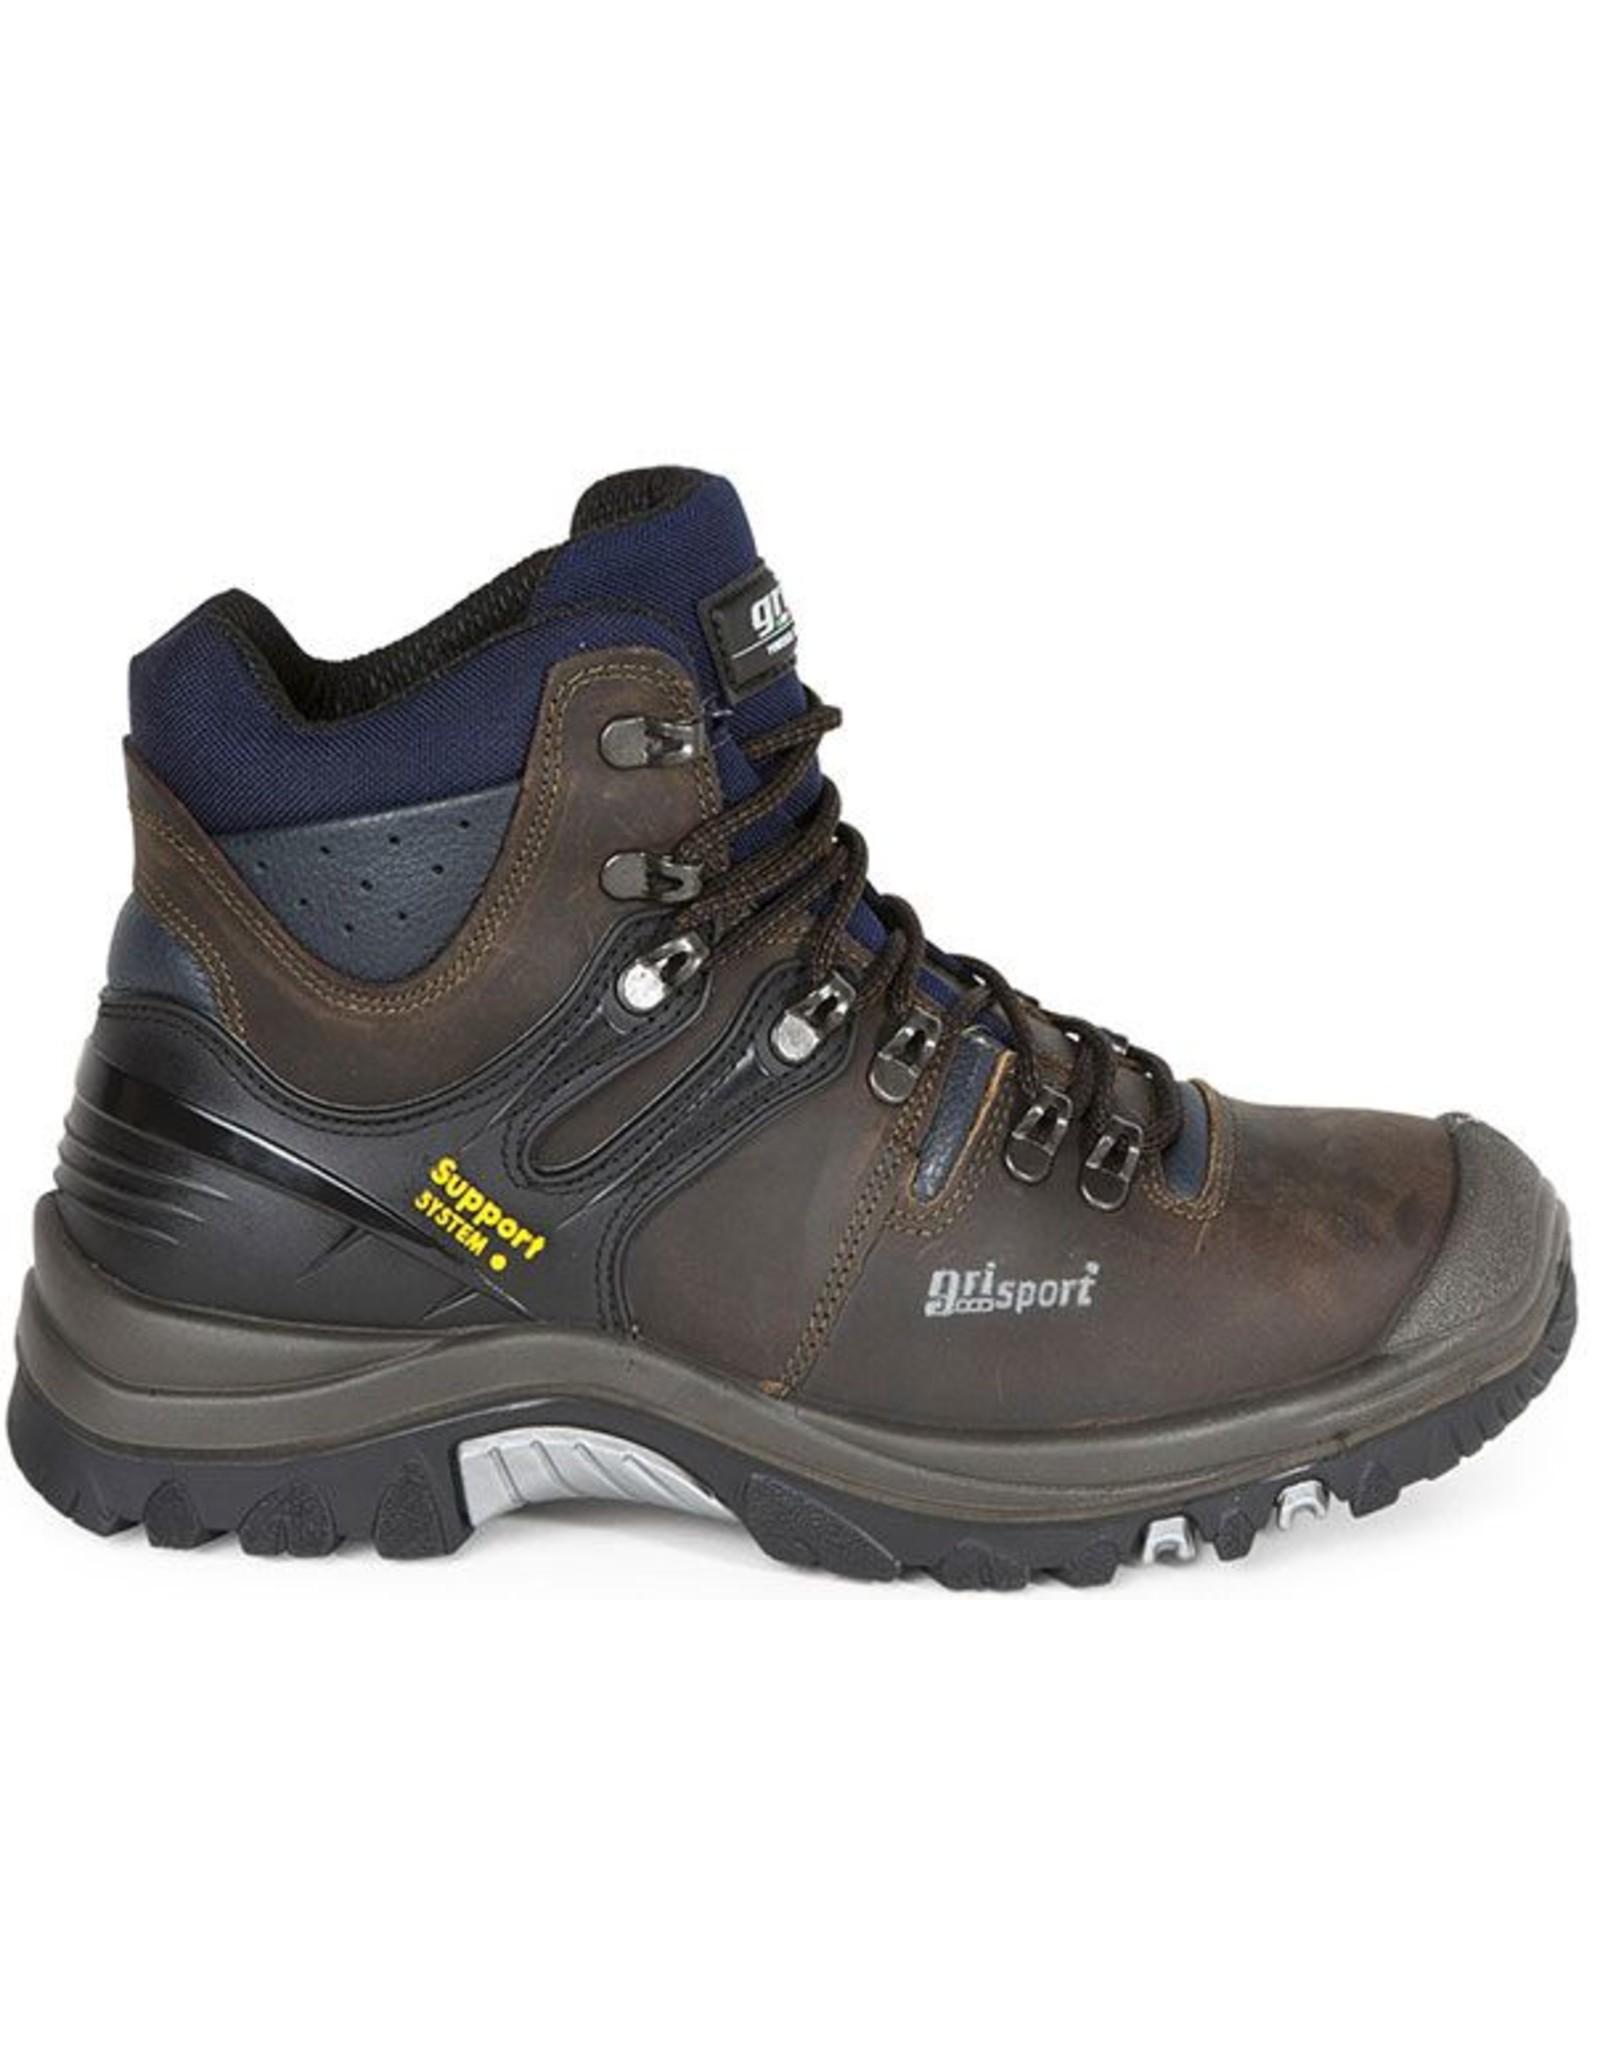 Grisport werkschoenen Grisport 71001 zwart en bruin